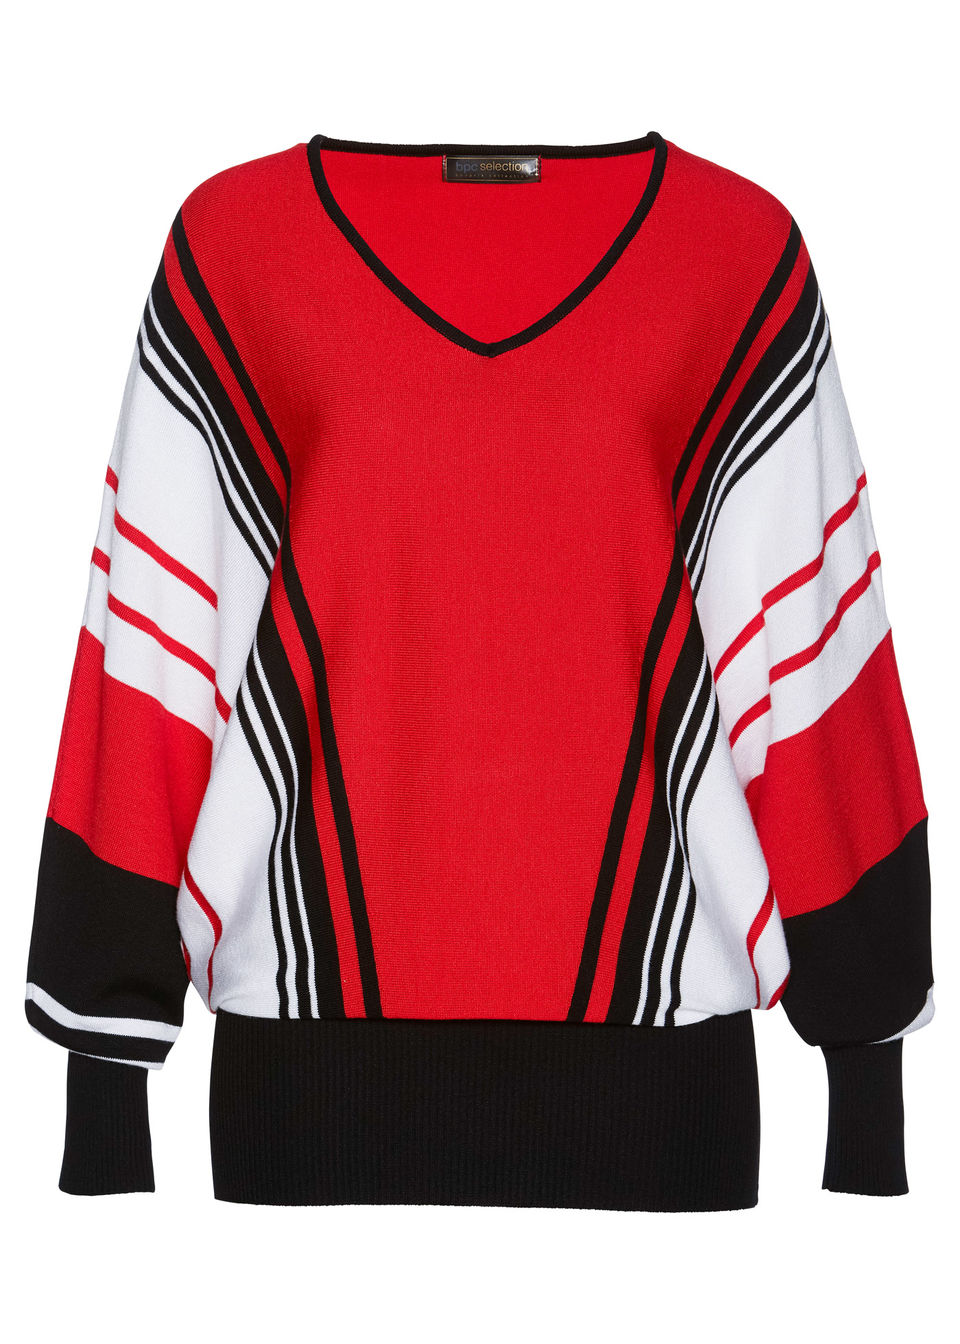 Купить Свитера, Пуловер, bonprix, клубничный + черный